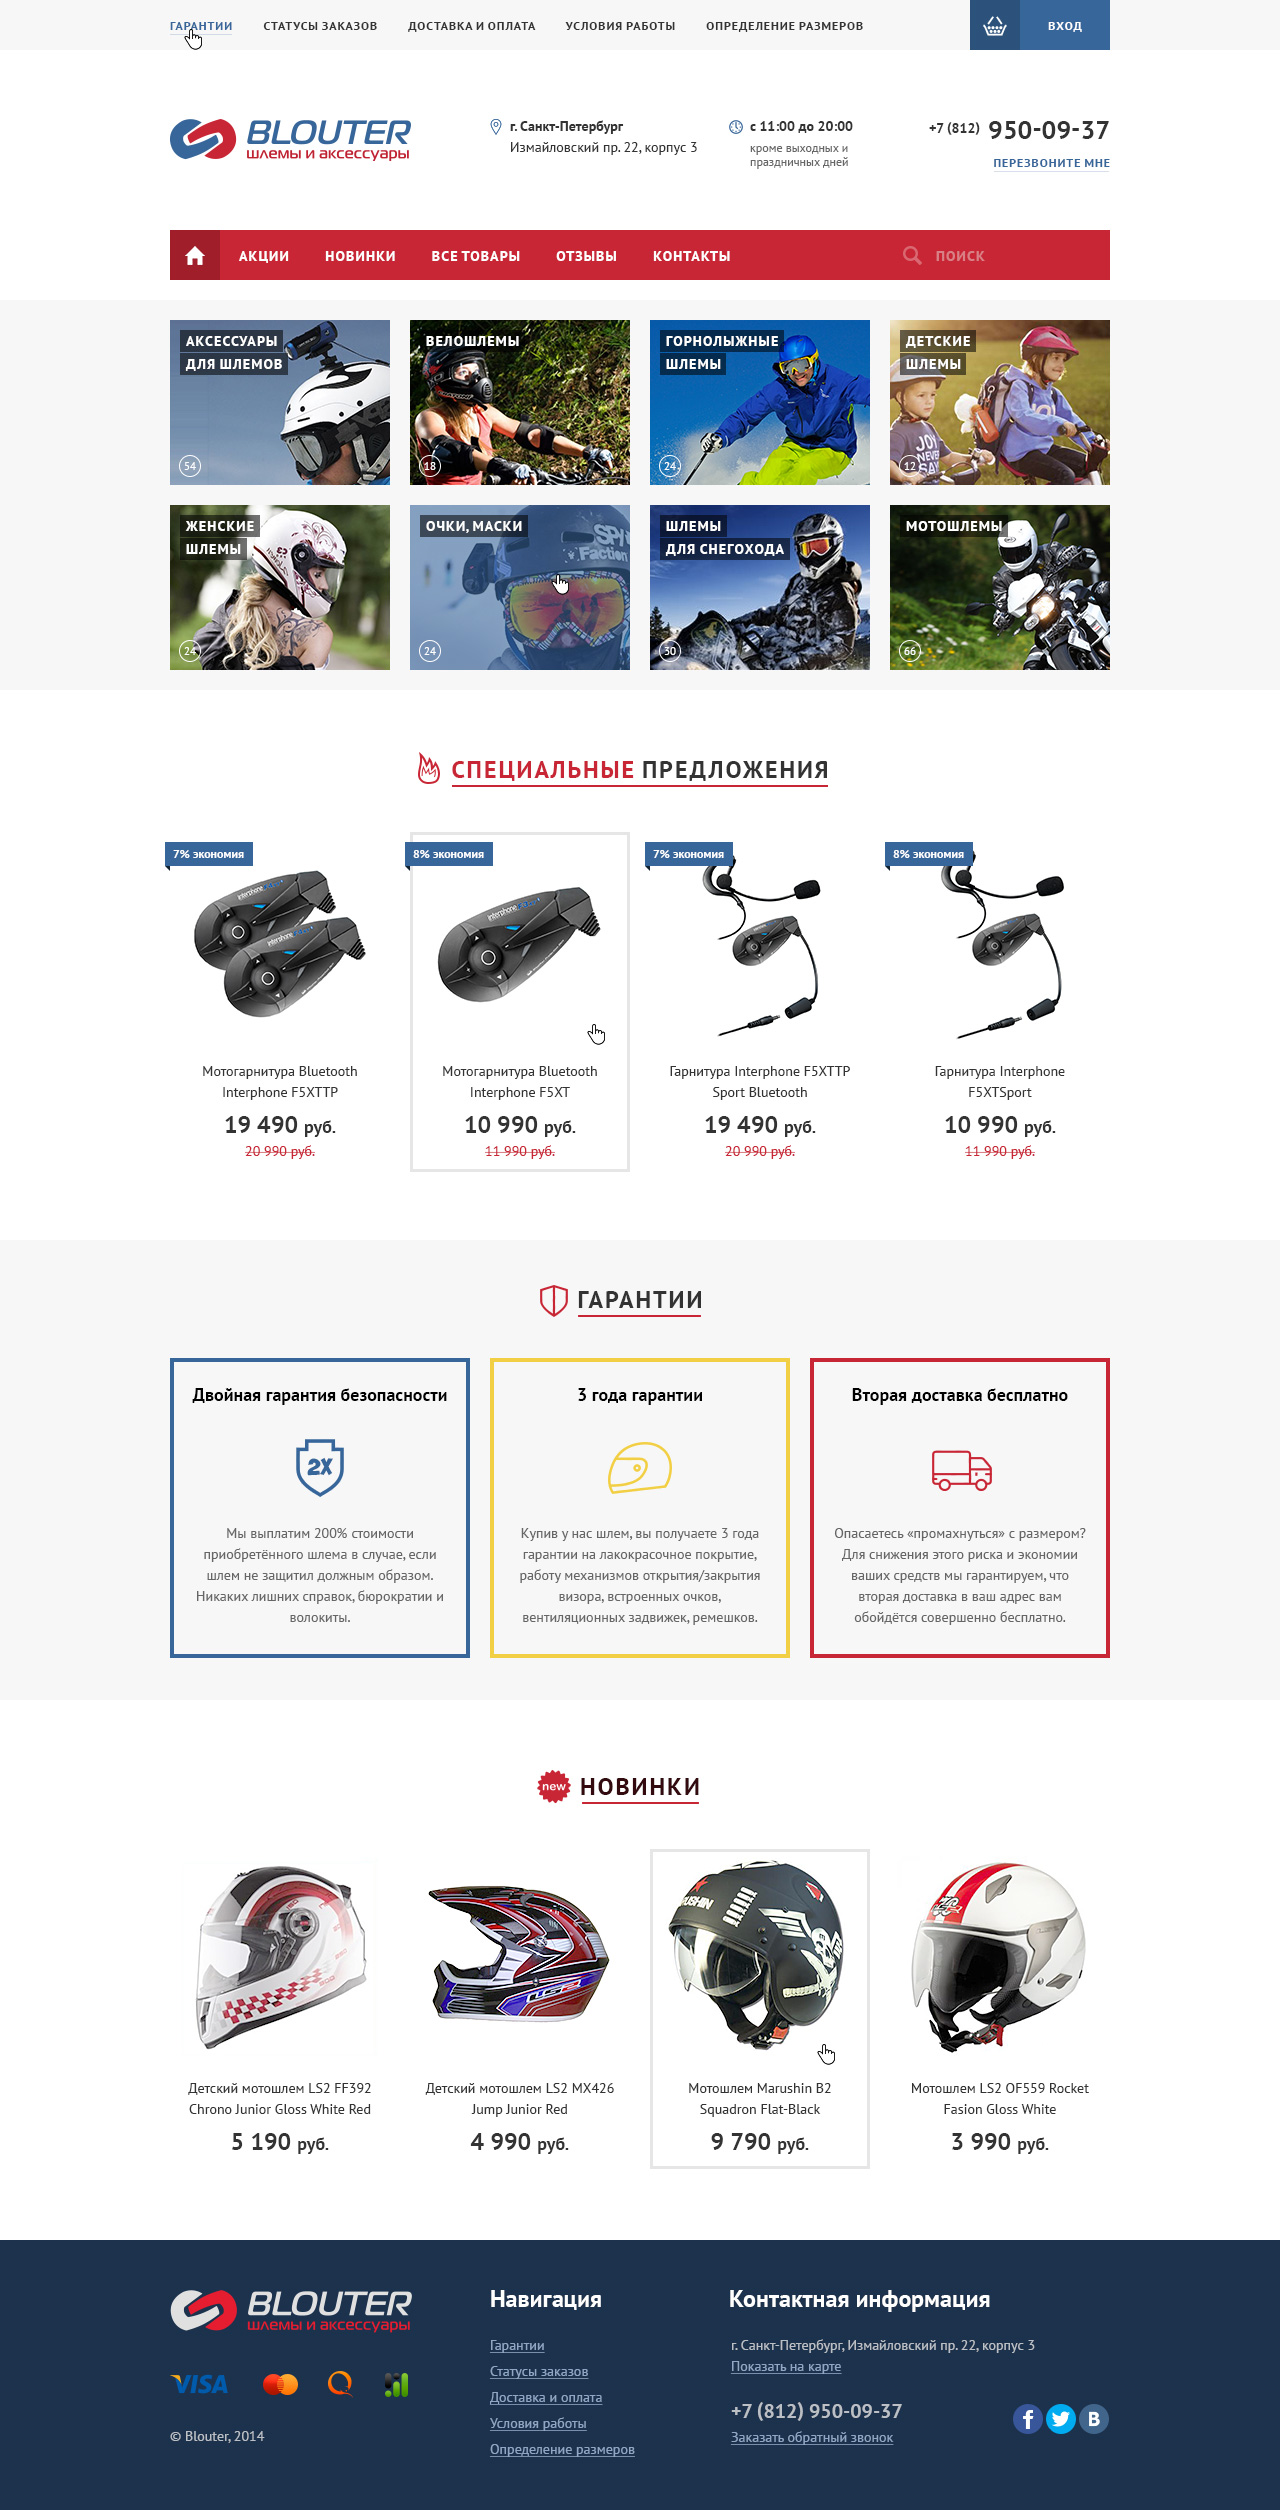 Интернет-магазин шлемов и аксессуаров